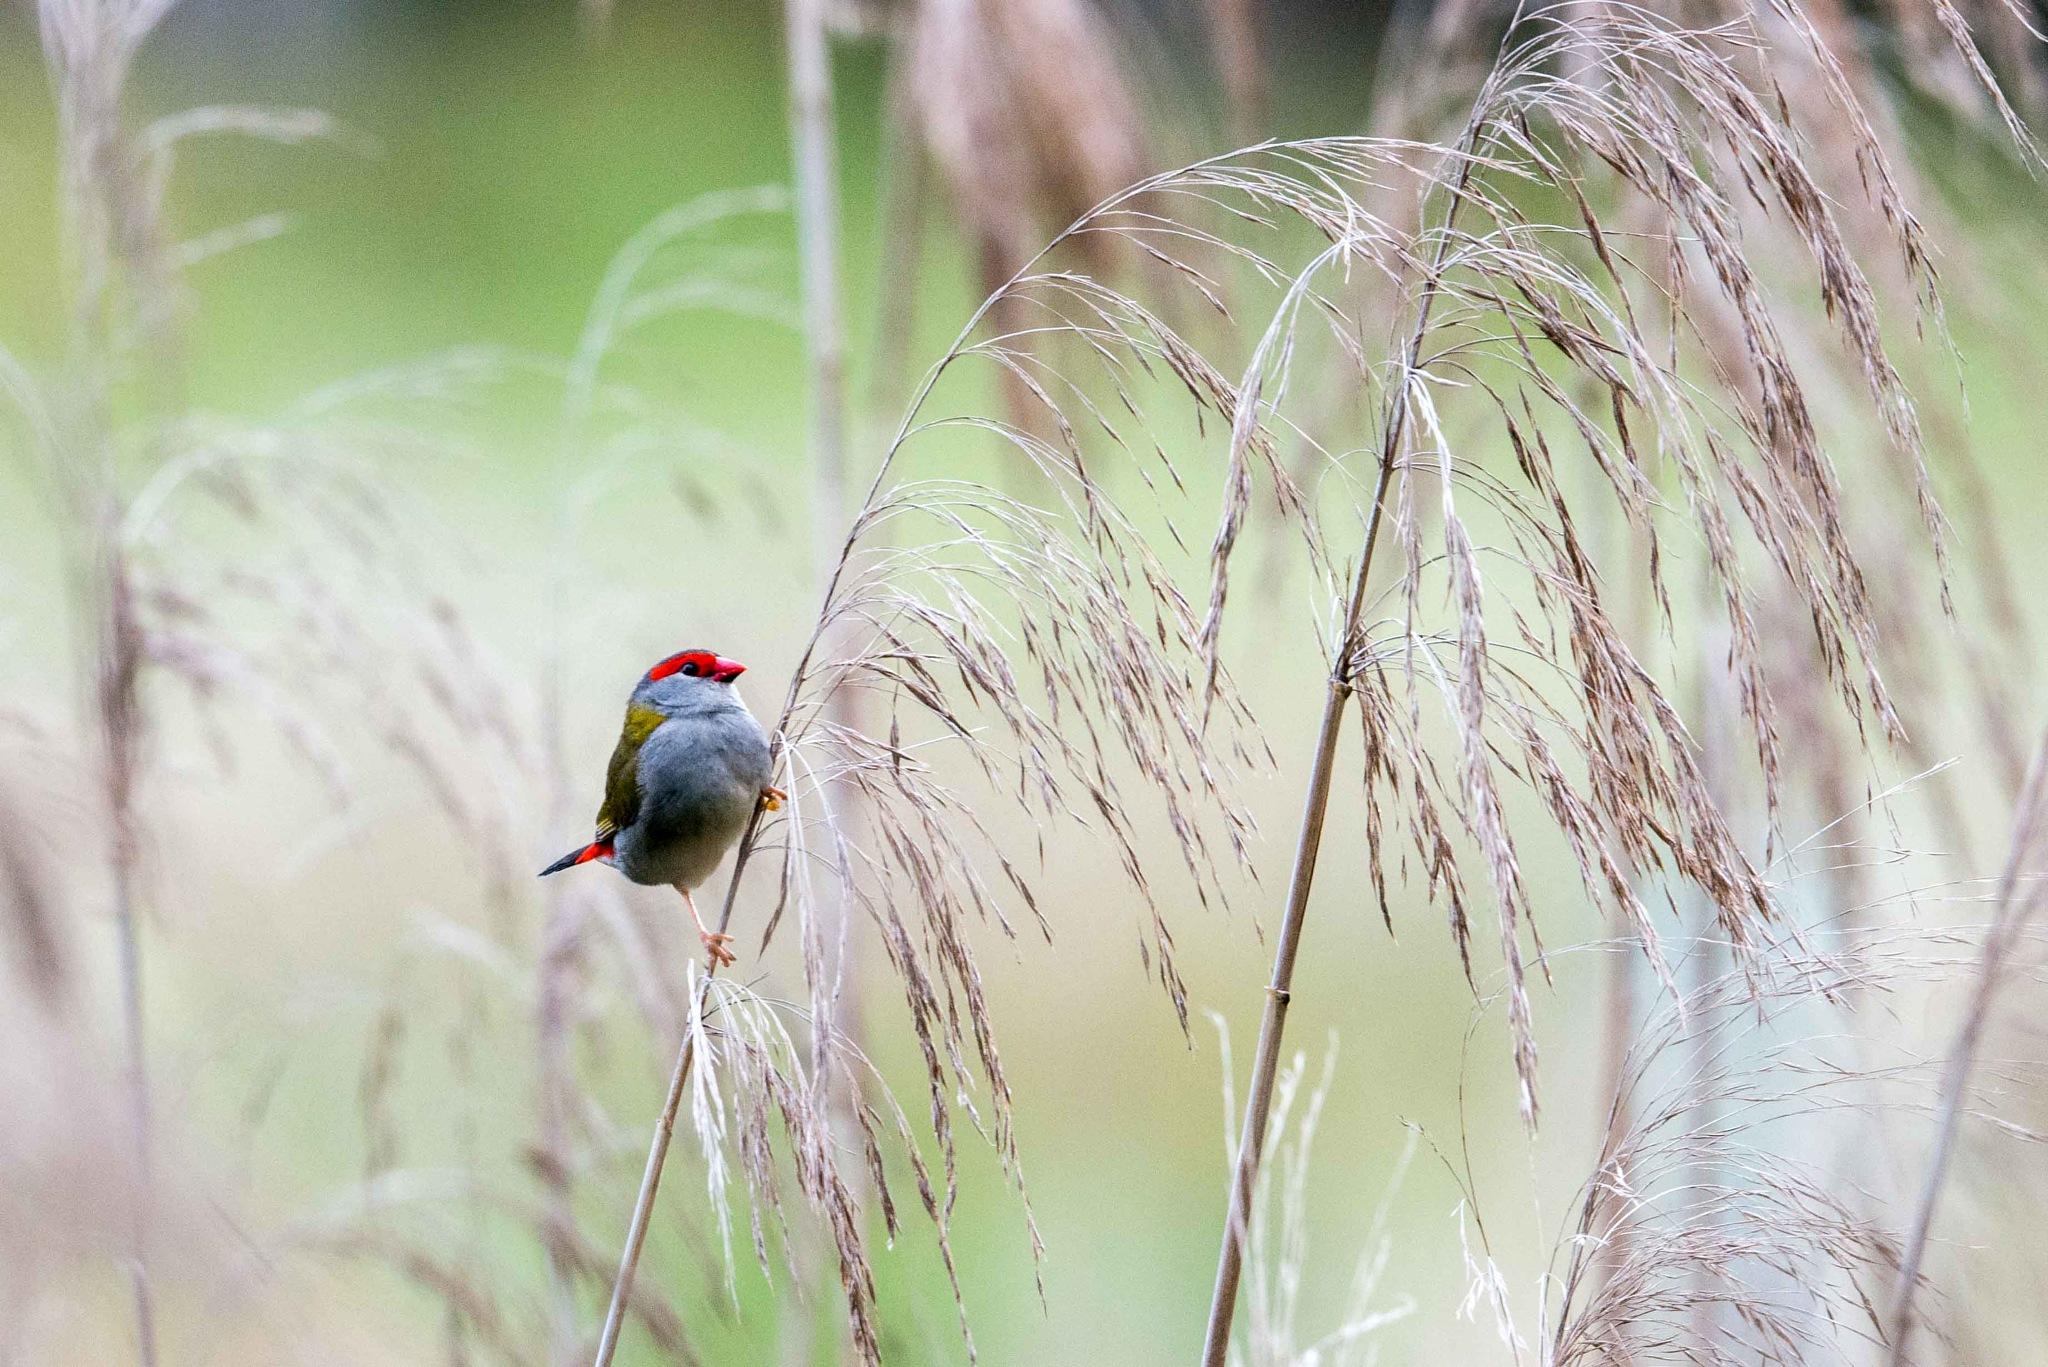 Red-browed Finch by chrisgnixon